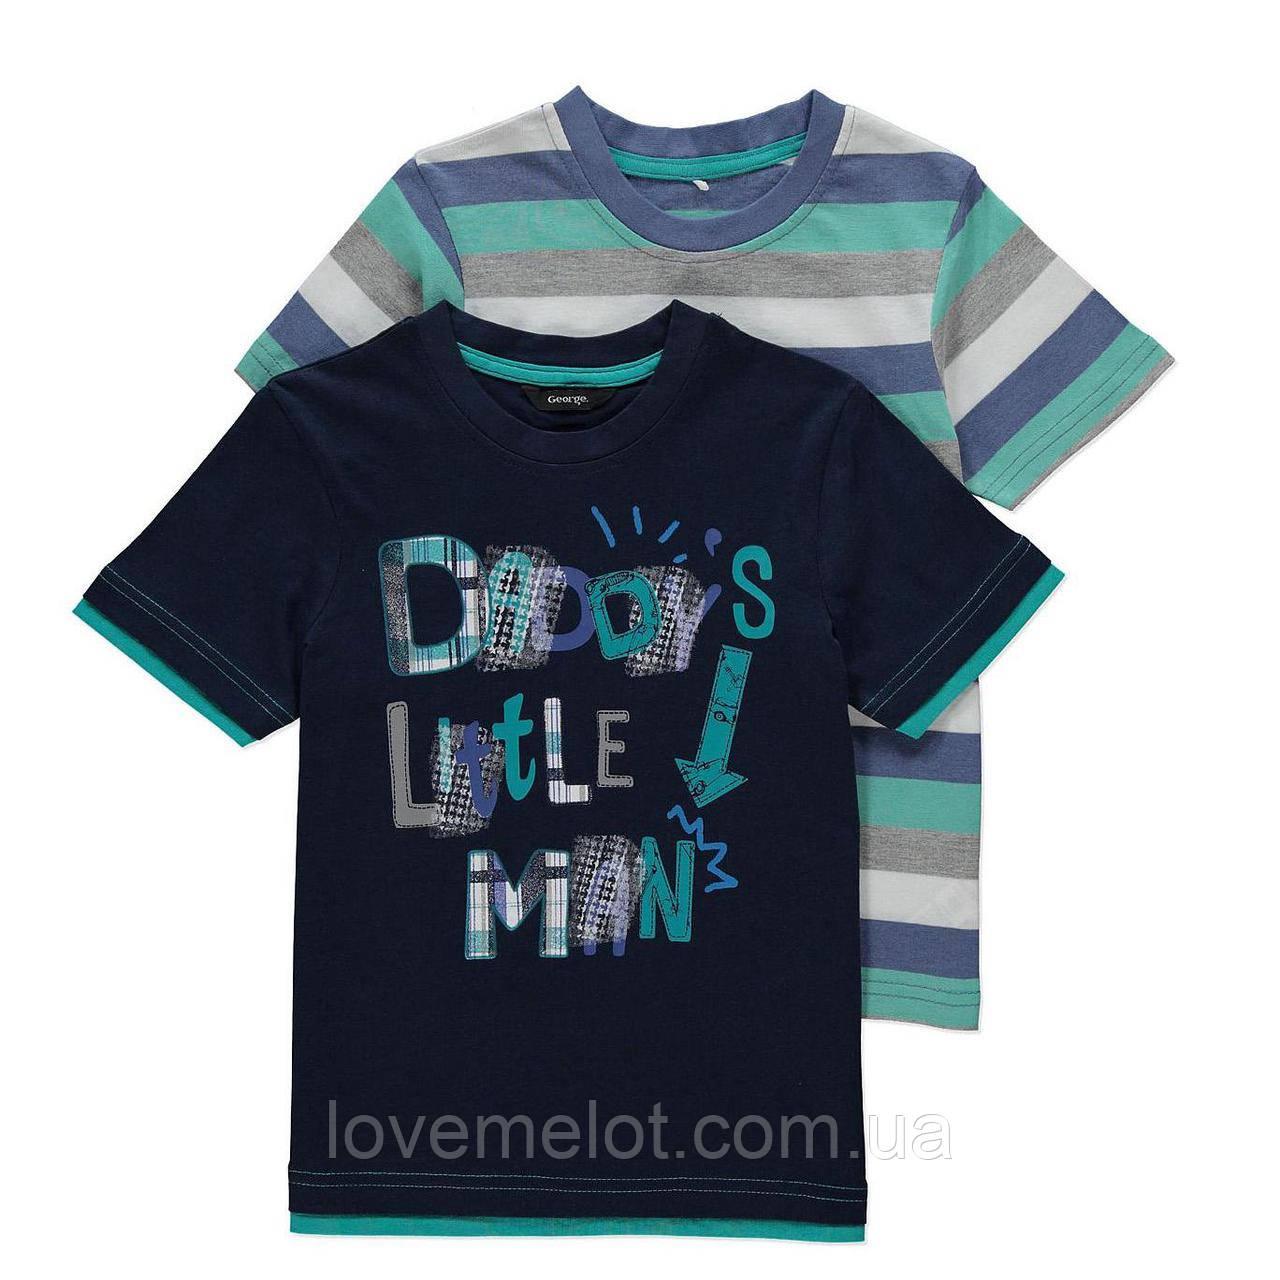 """Дитячі футболки George """"Татів хлопчисько"""", набір 2 шт, розмір 86 см"""